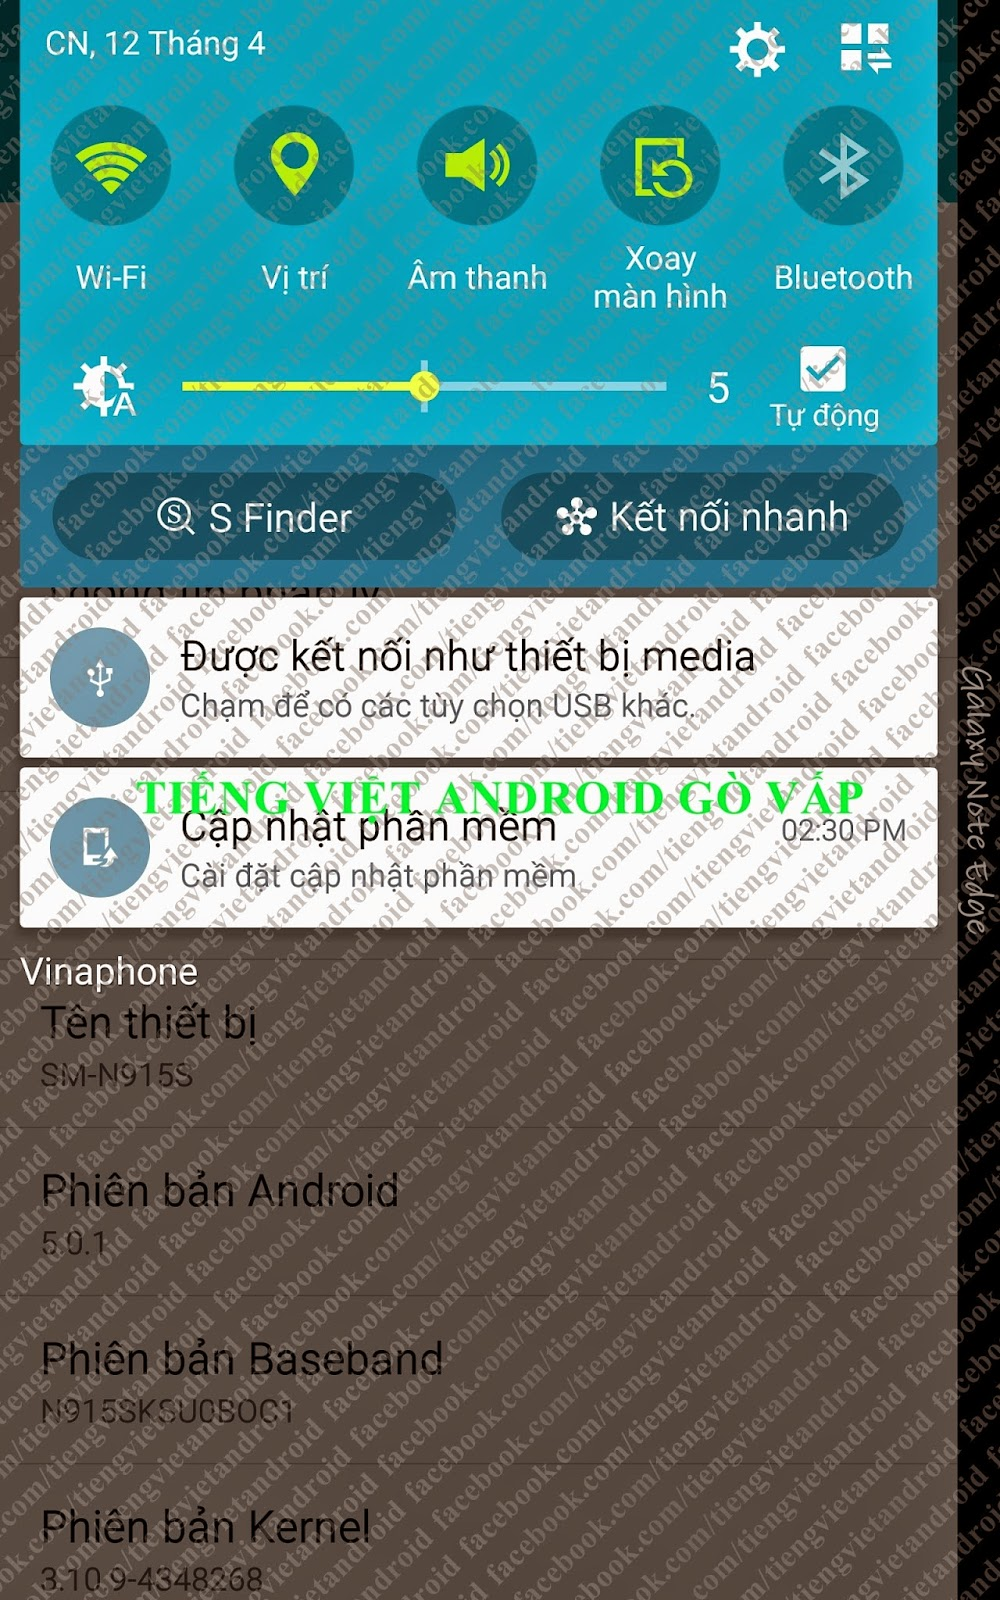 Tiếng Việt Android Gò Vấp